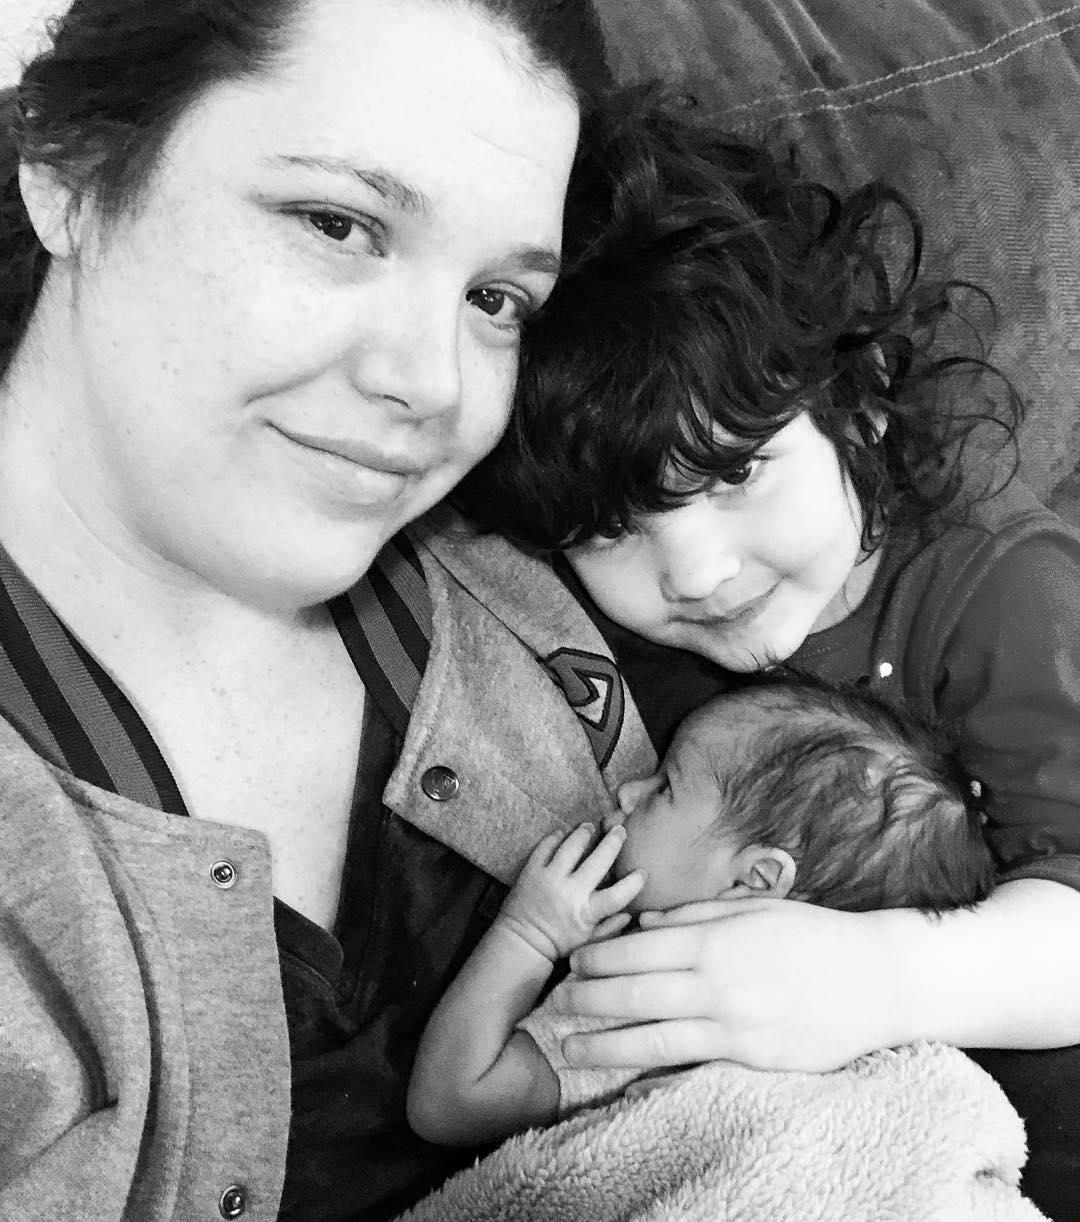 Улыбающийся младенец покорил соцсети